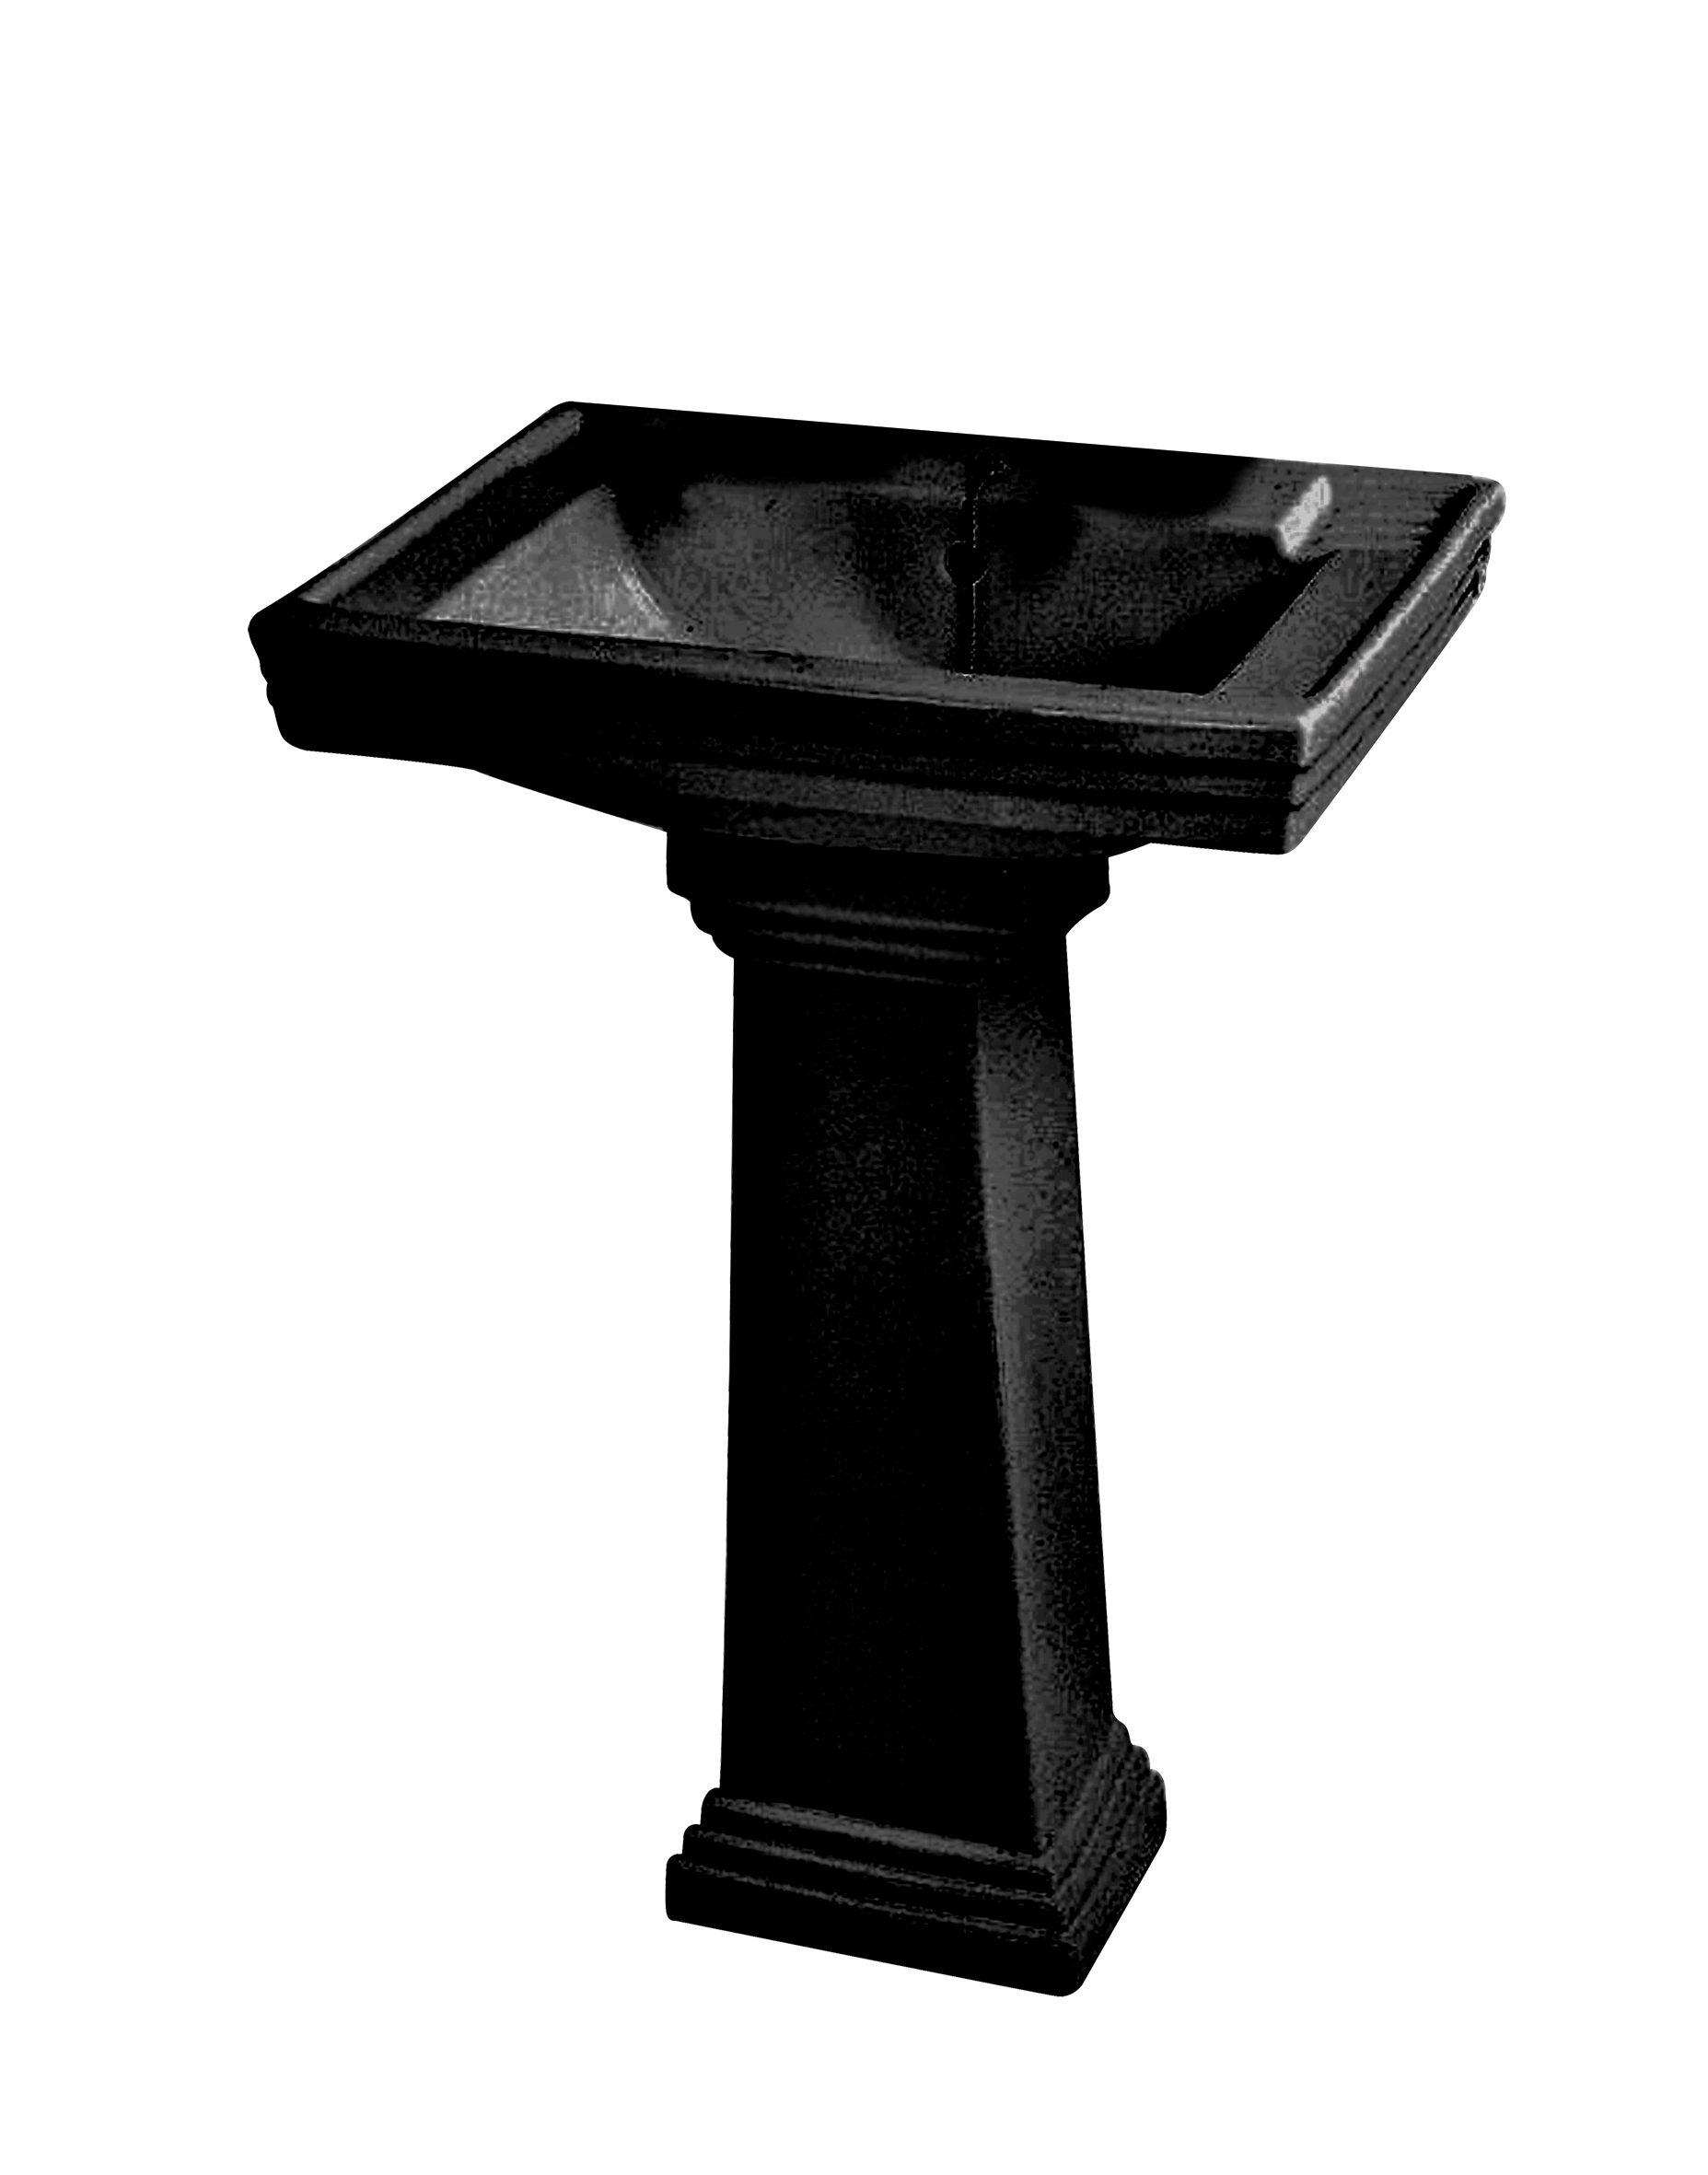 lavabo colonne cheap duravit with lavabo colonne colonne. Black Bedroom Furniture Sets. Home Design Ideas